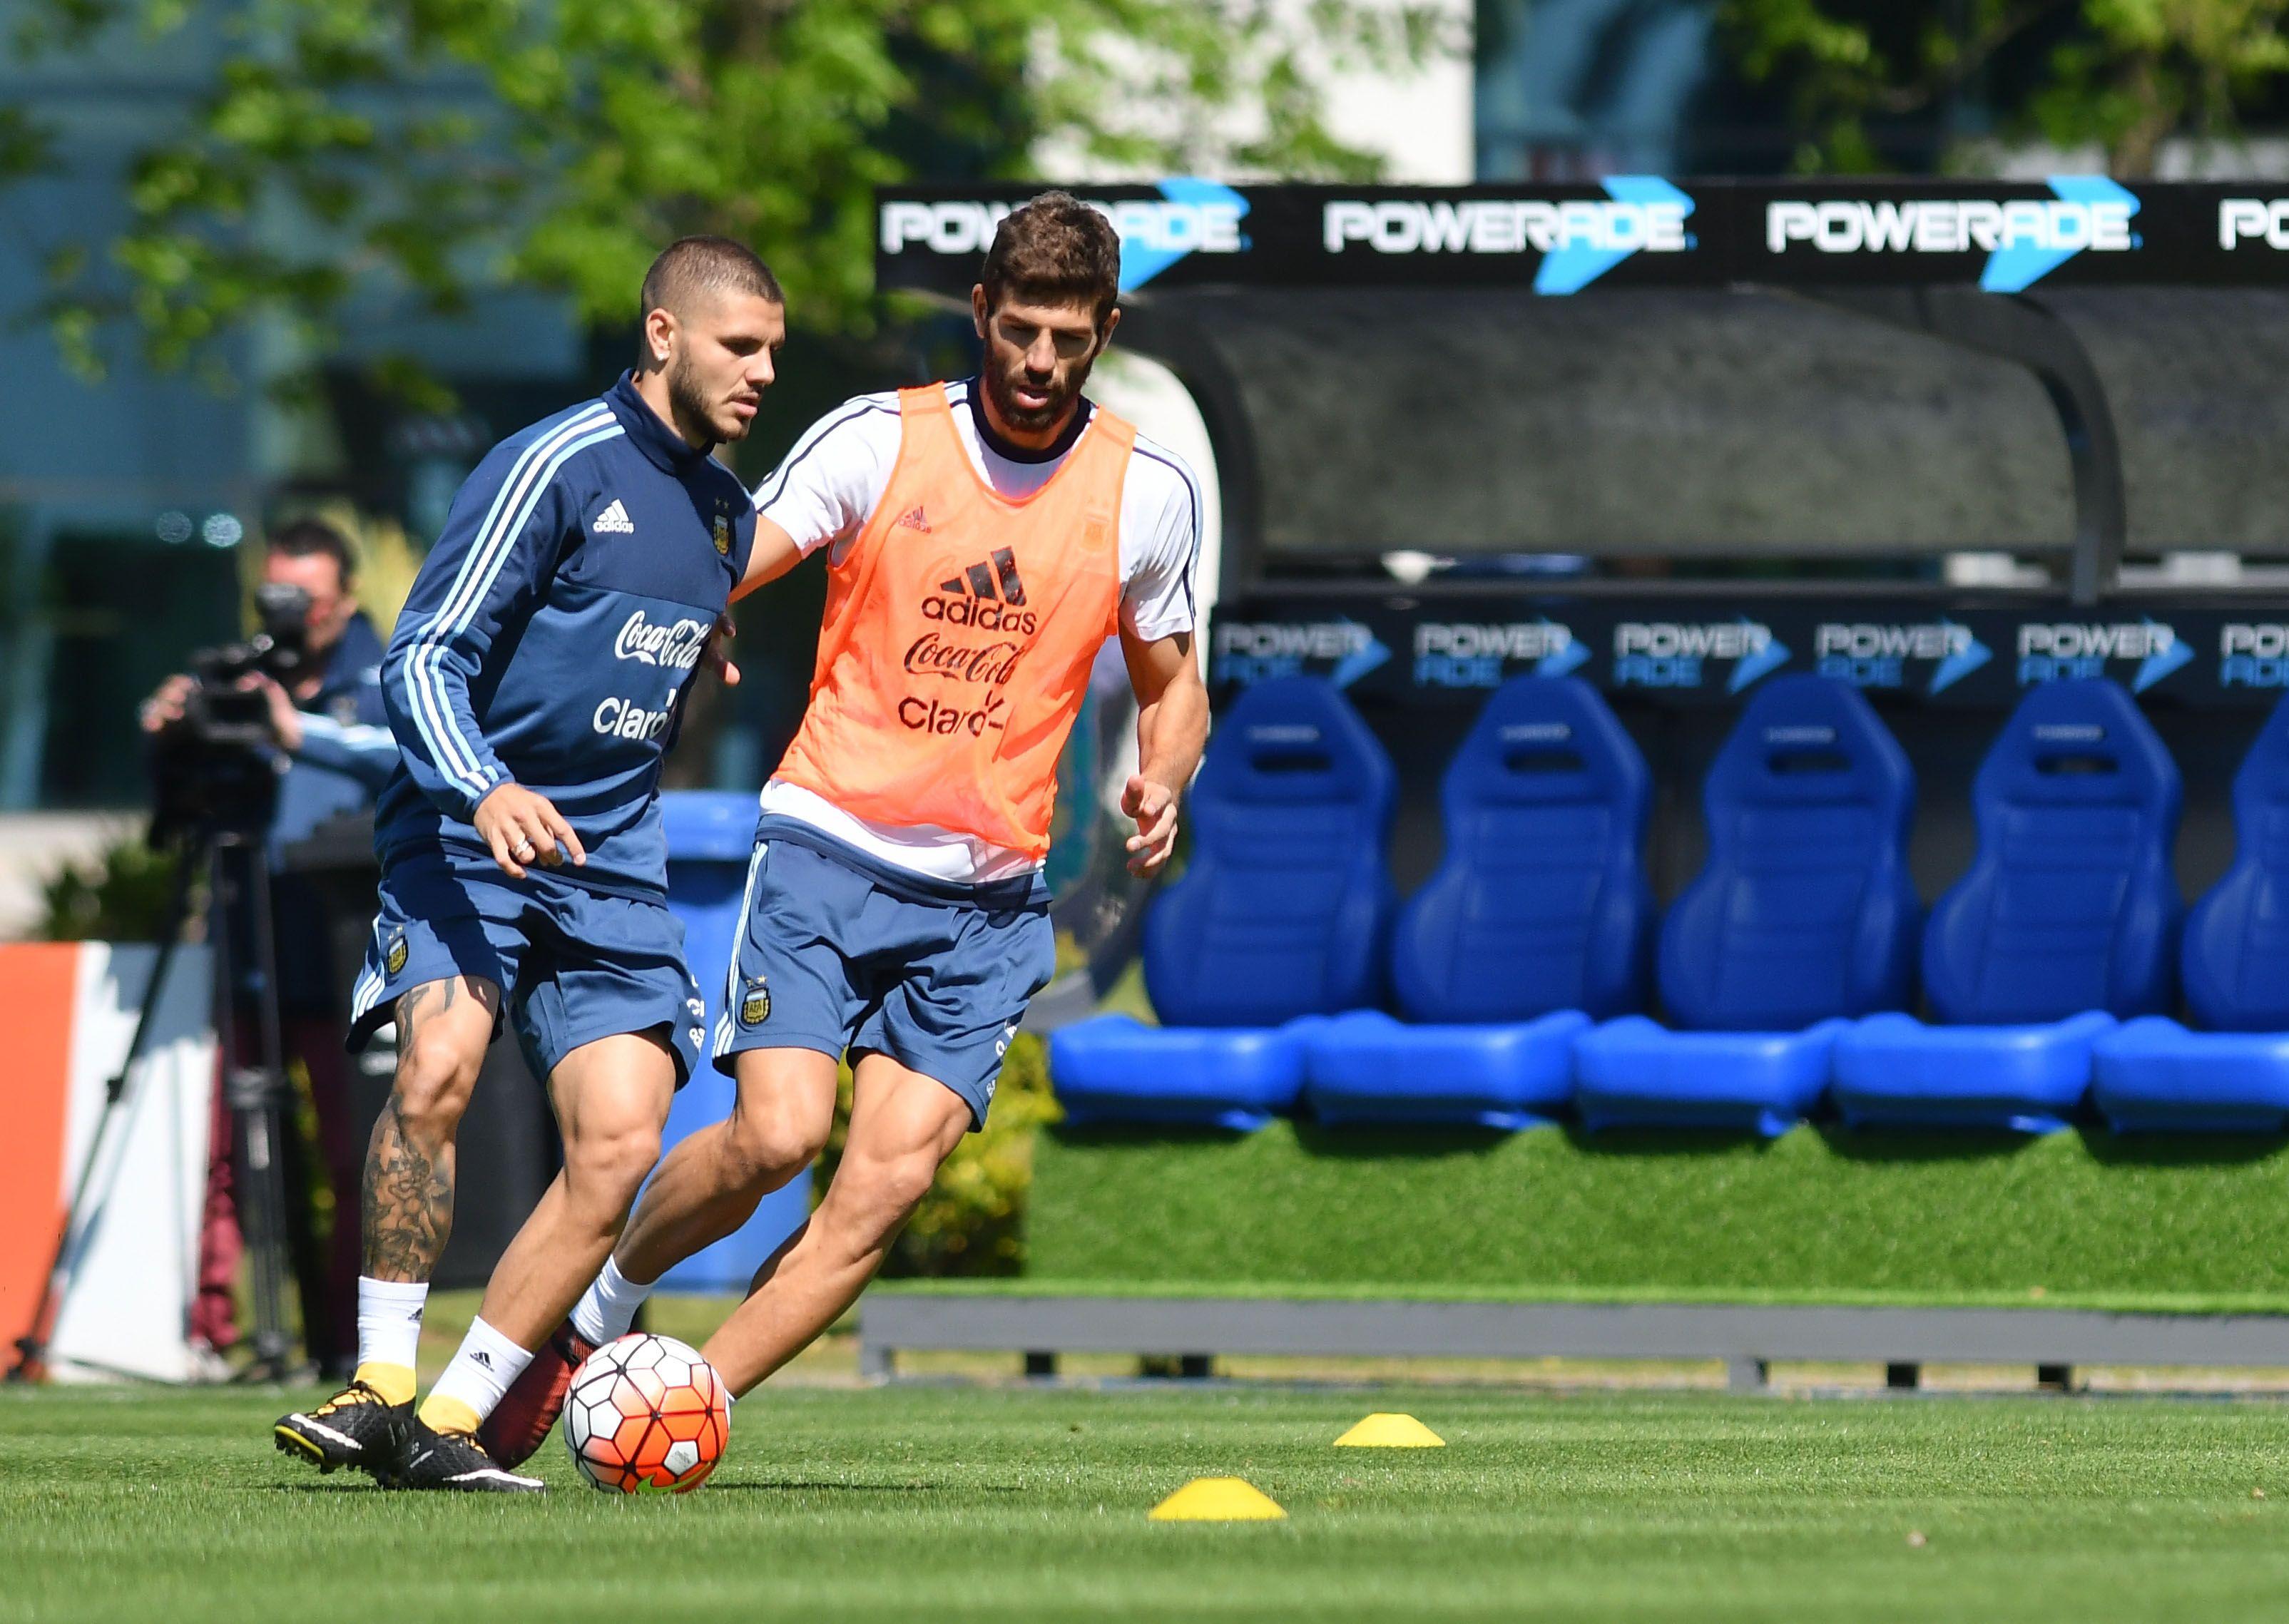 La Selección volvió a entrenar con Icardi en el centro de la escena: ¿por qué?